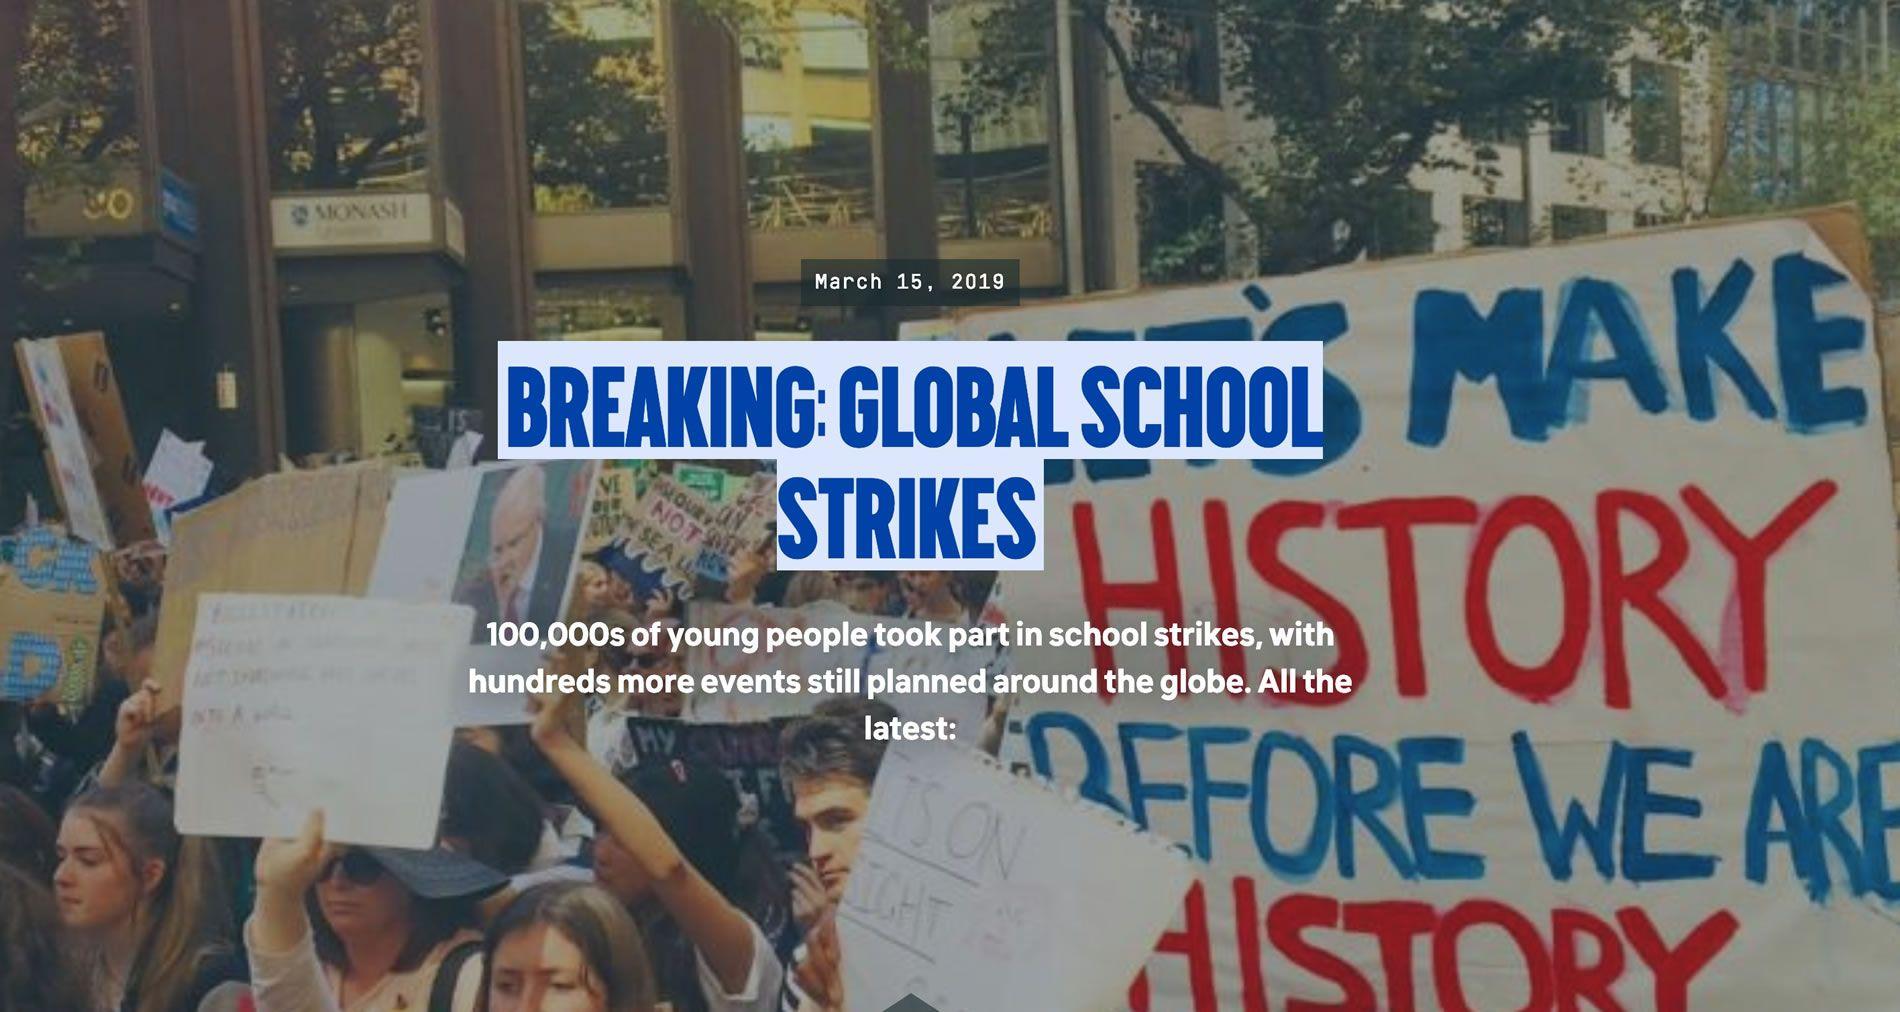 Breaking: Global School Strikes